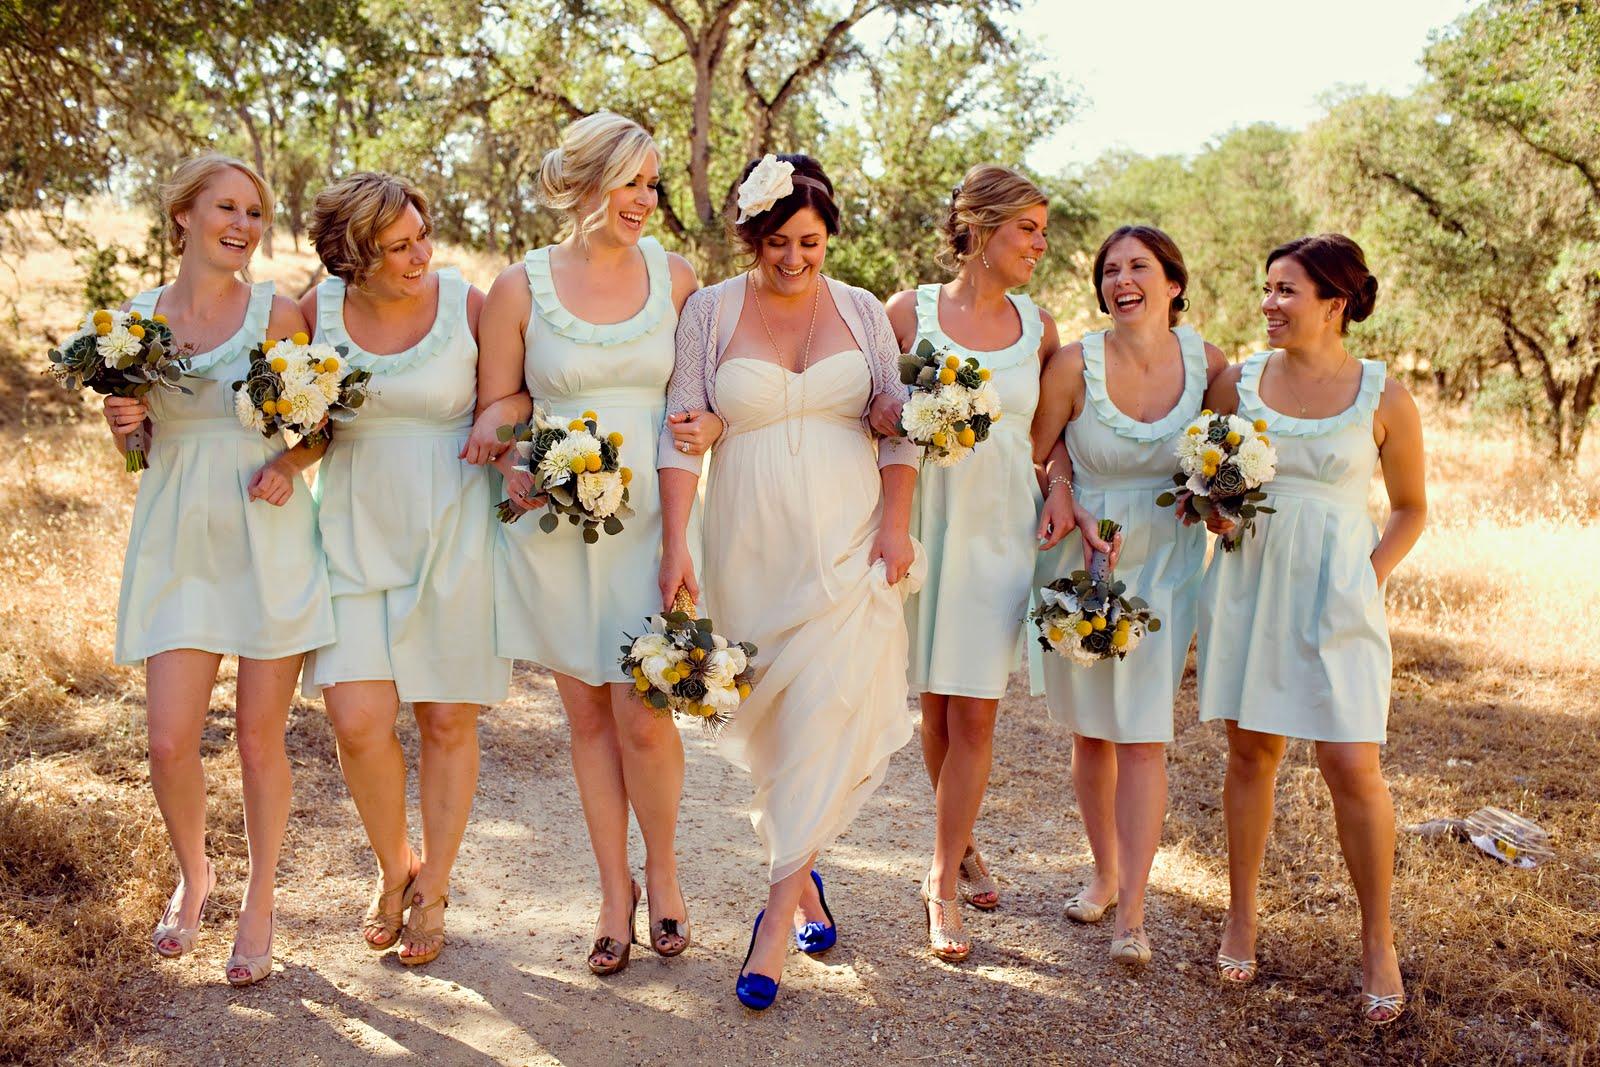 скачать лекала свадебных платьев для полных